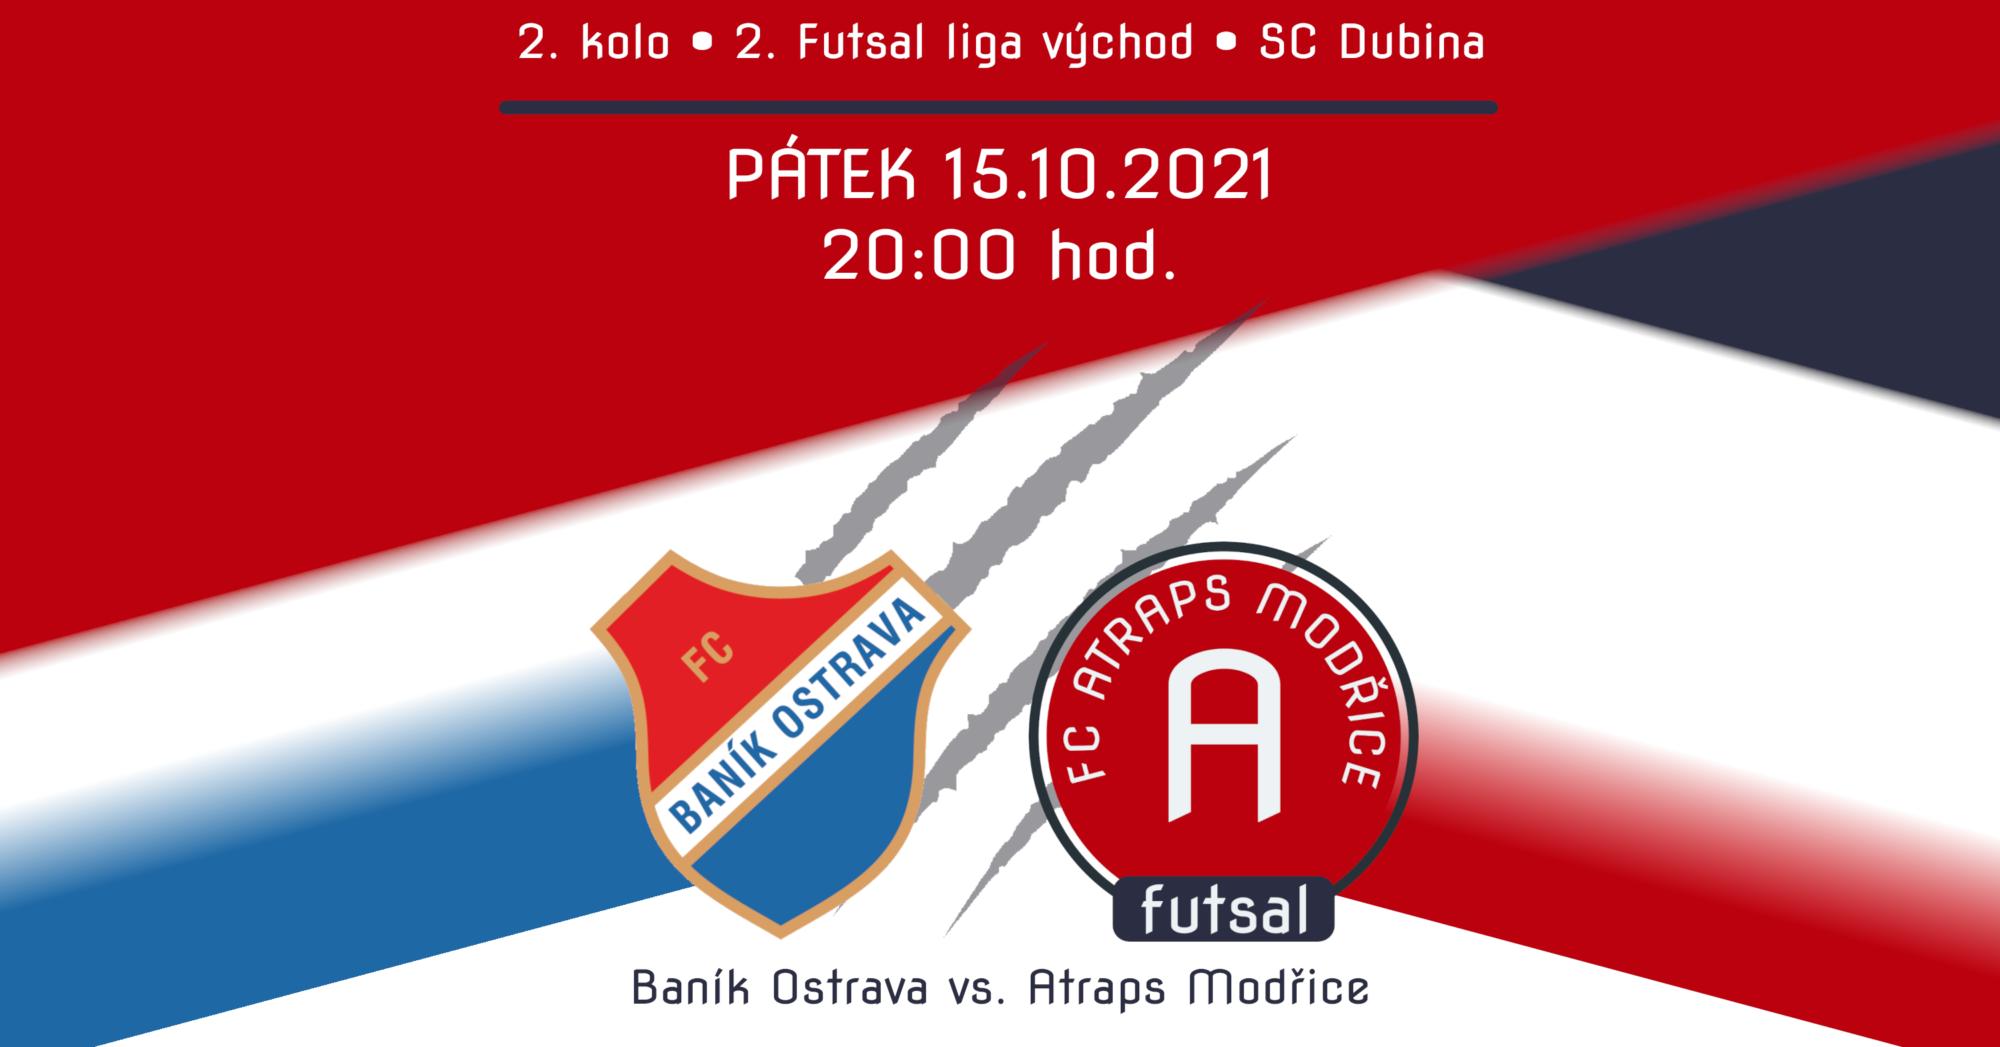 Plakát k utkání Baník Ostrava vs. FC Atraps Modřice